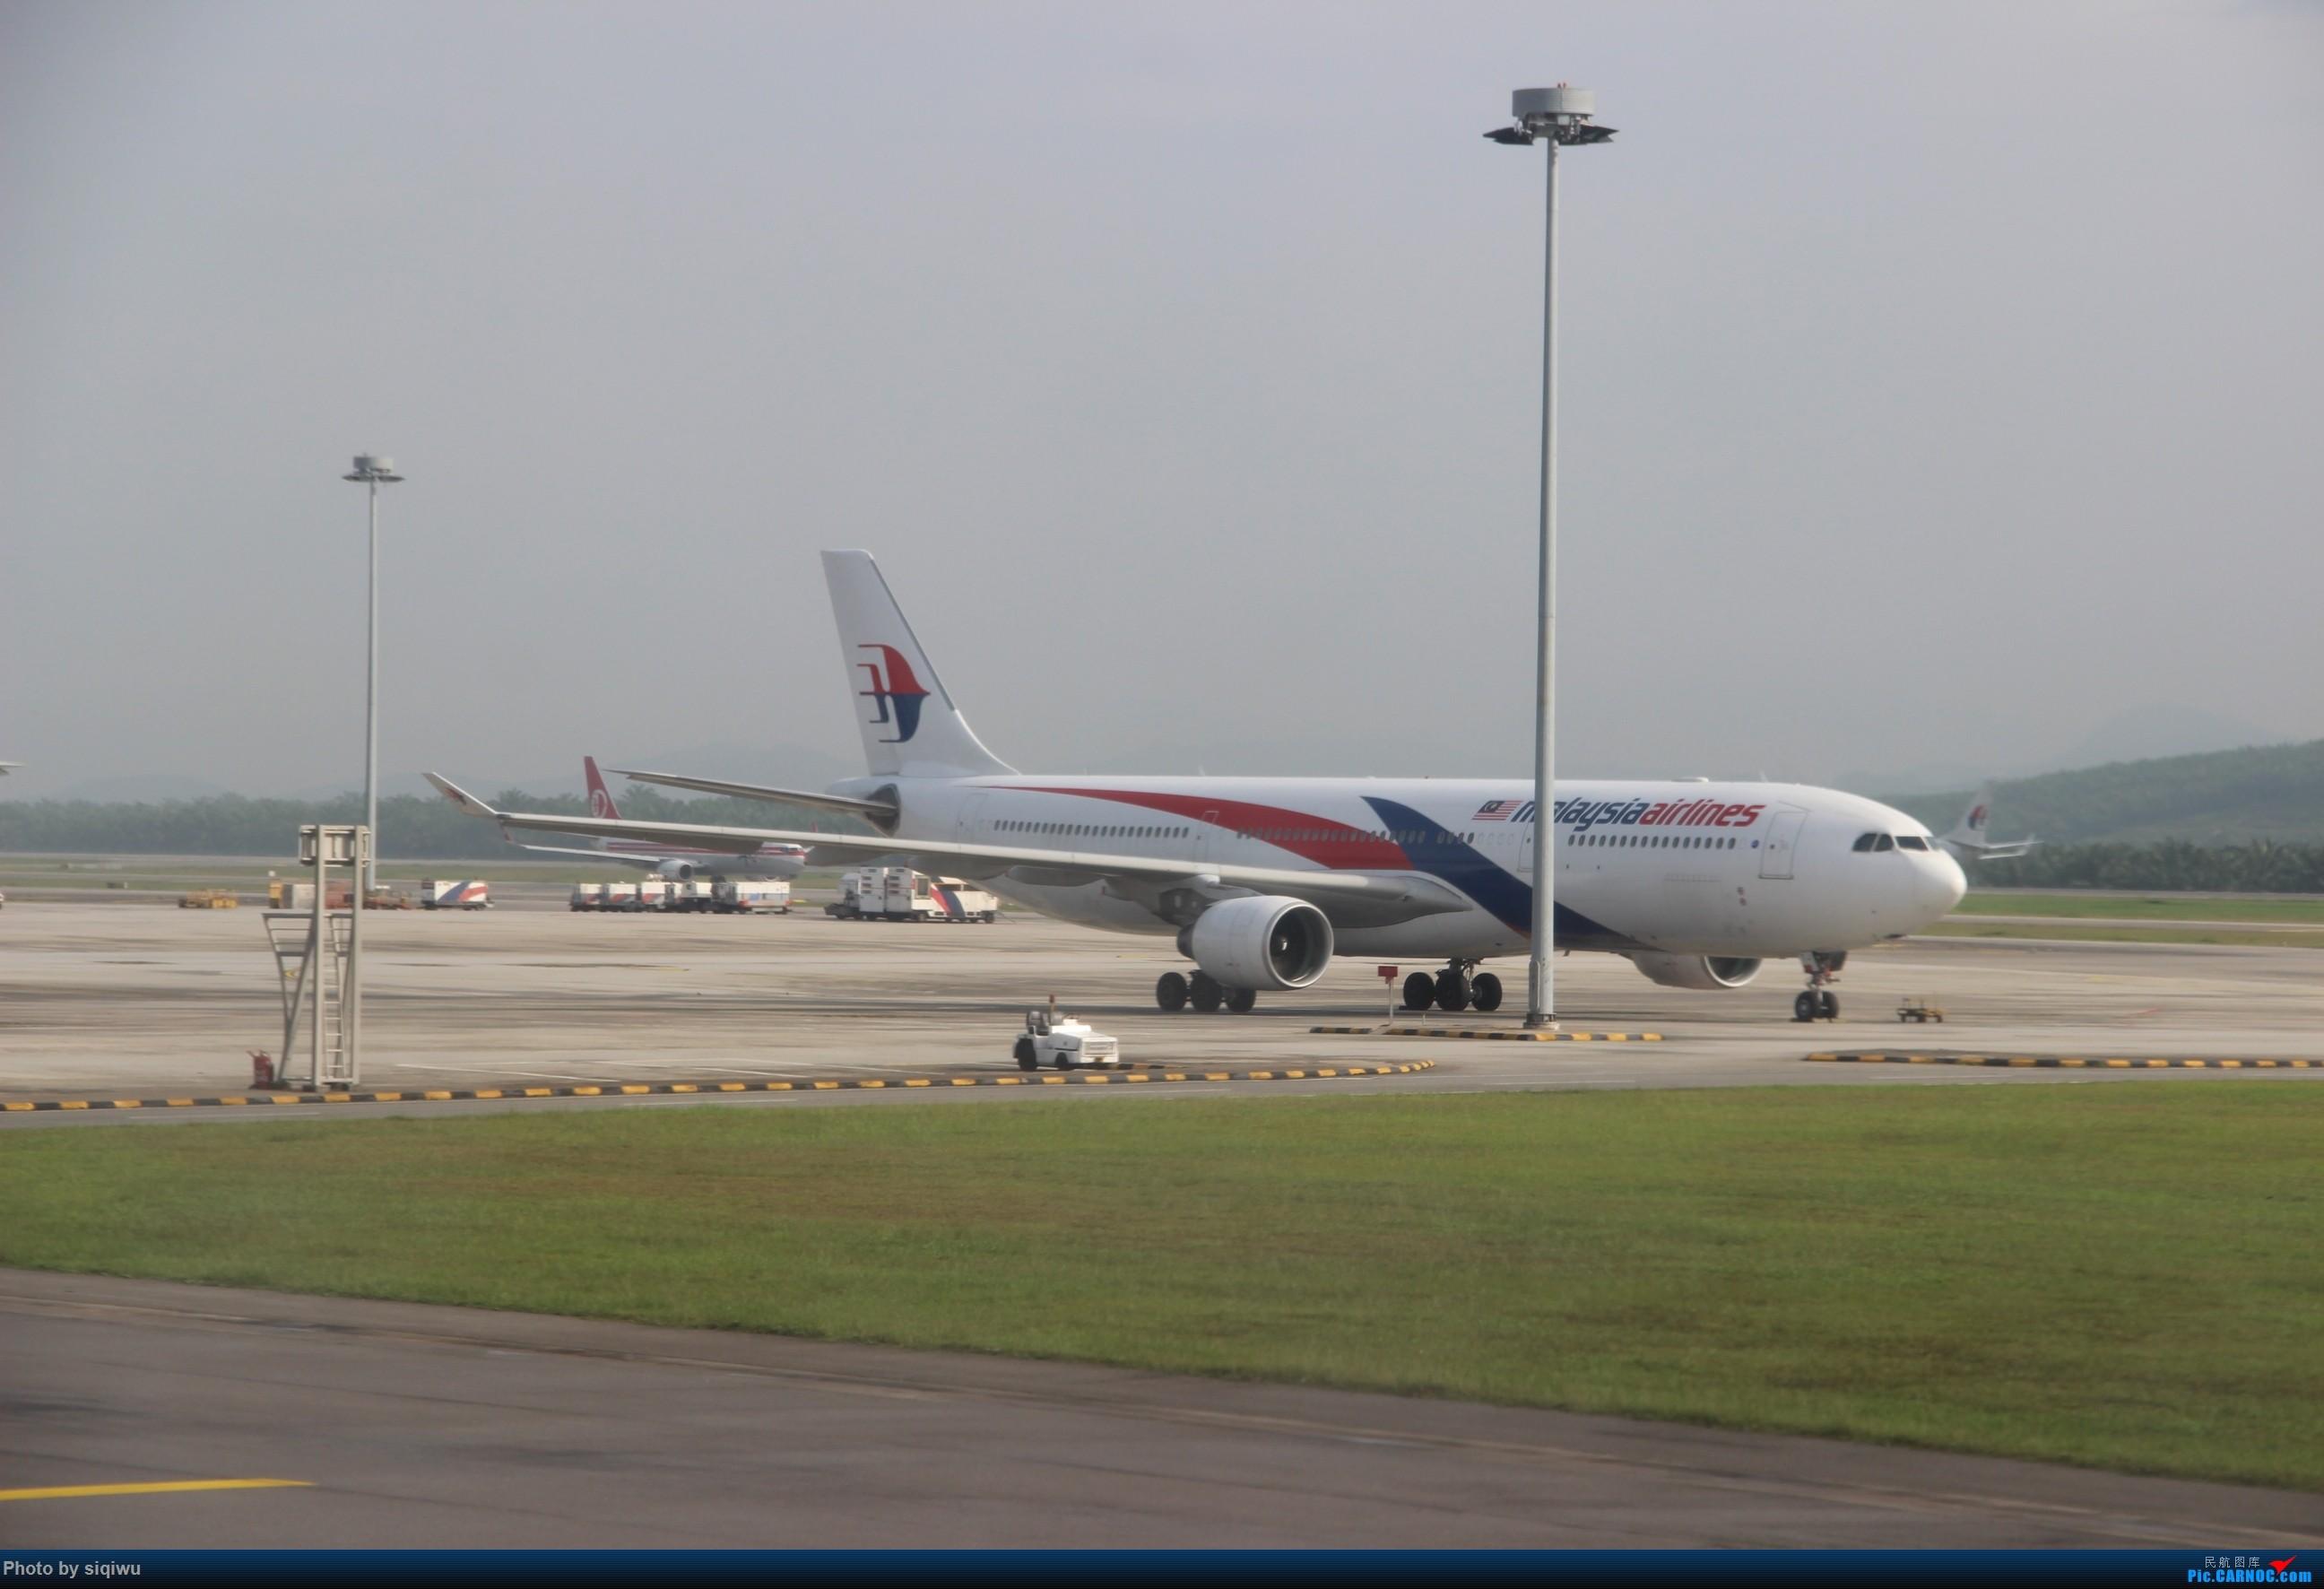 Re:[原创]PVG-HKG-KUL-HKG-PVG 四天往返,CX/KA AIRBUS A330-300  马来西亚吉隆坡国际机场